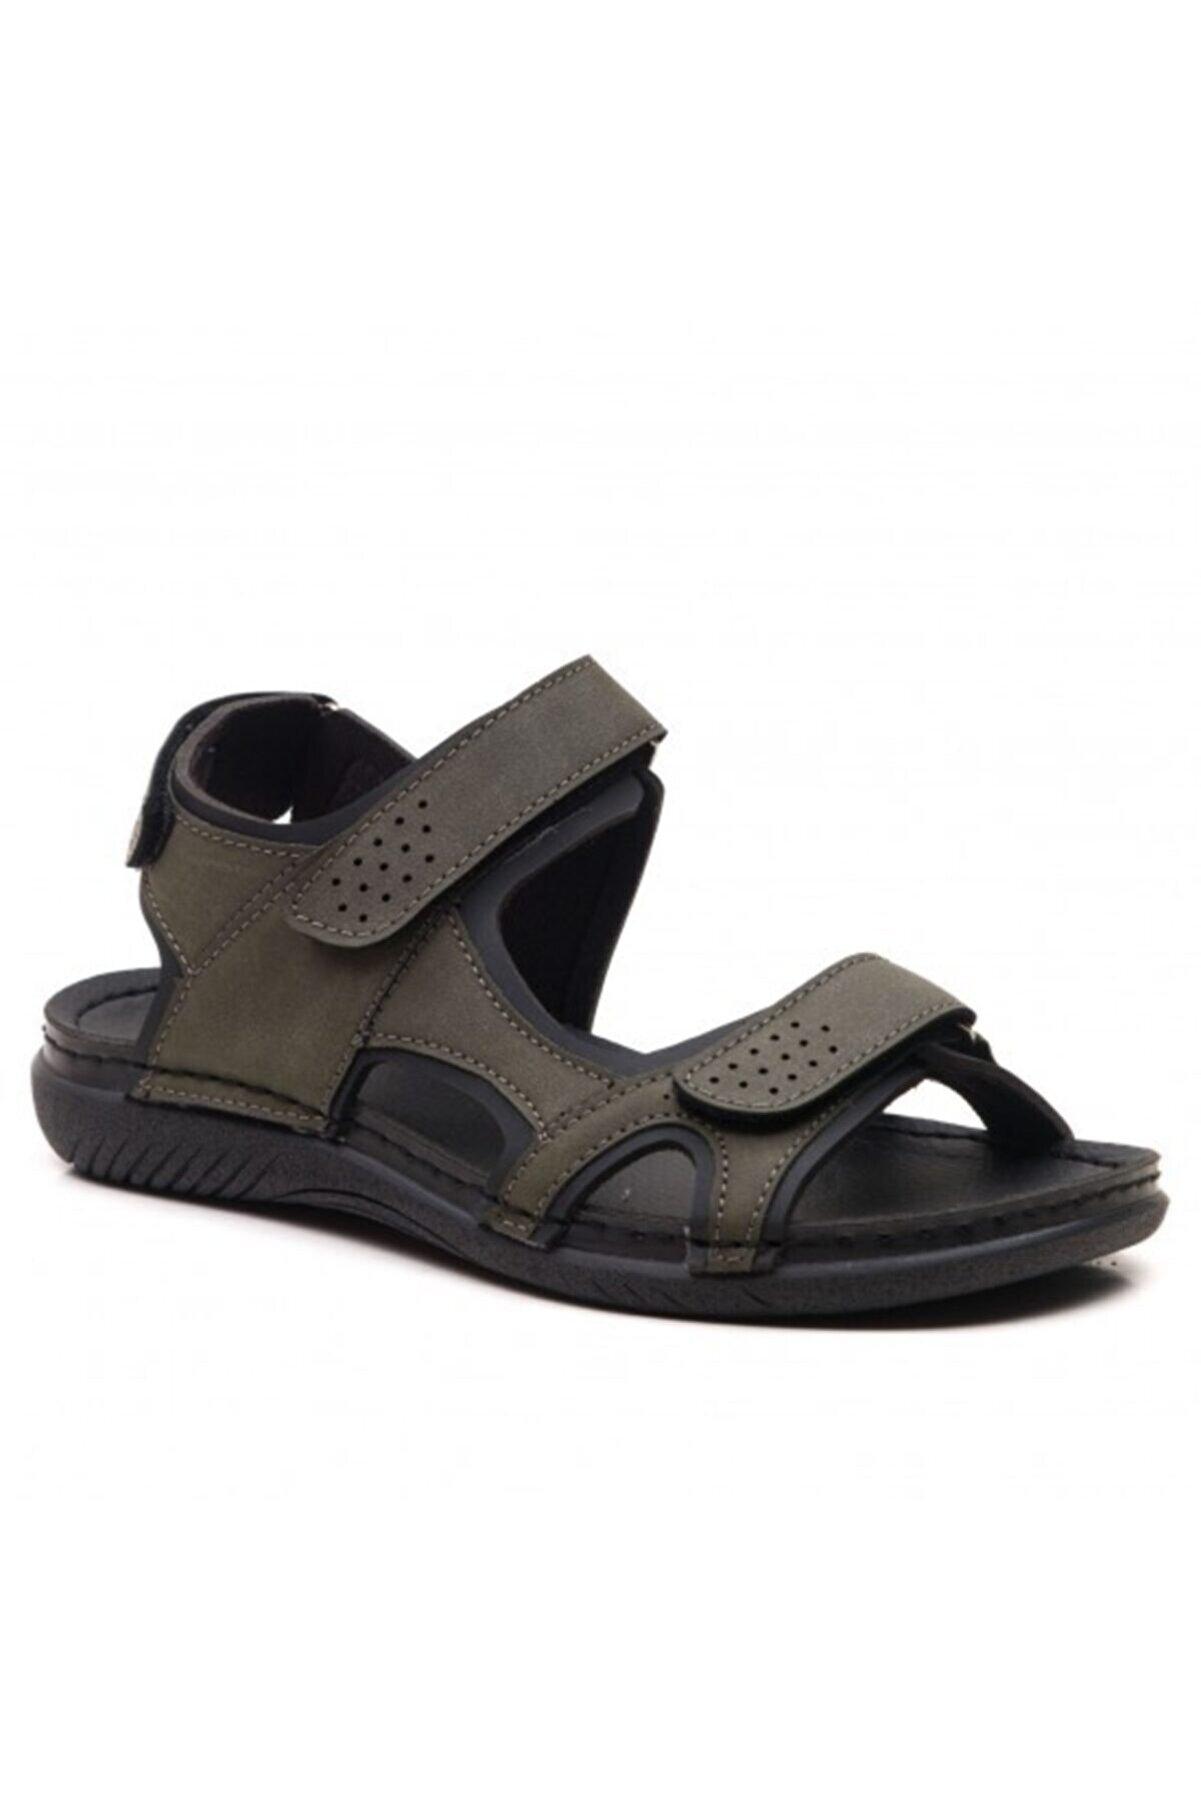 CARLAVERDEE Erkek Sandalet 301204